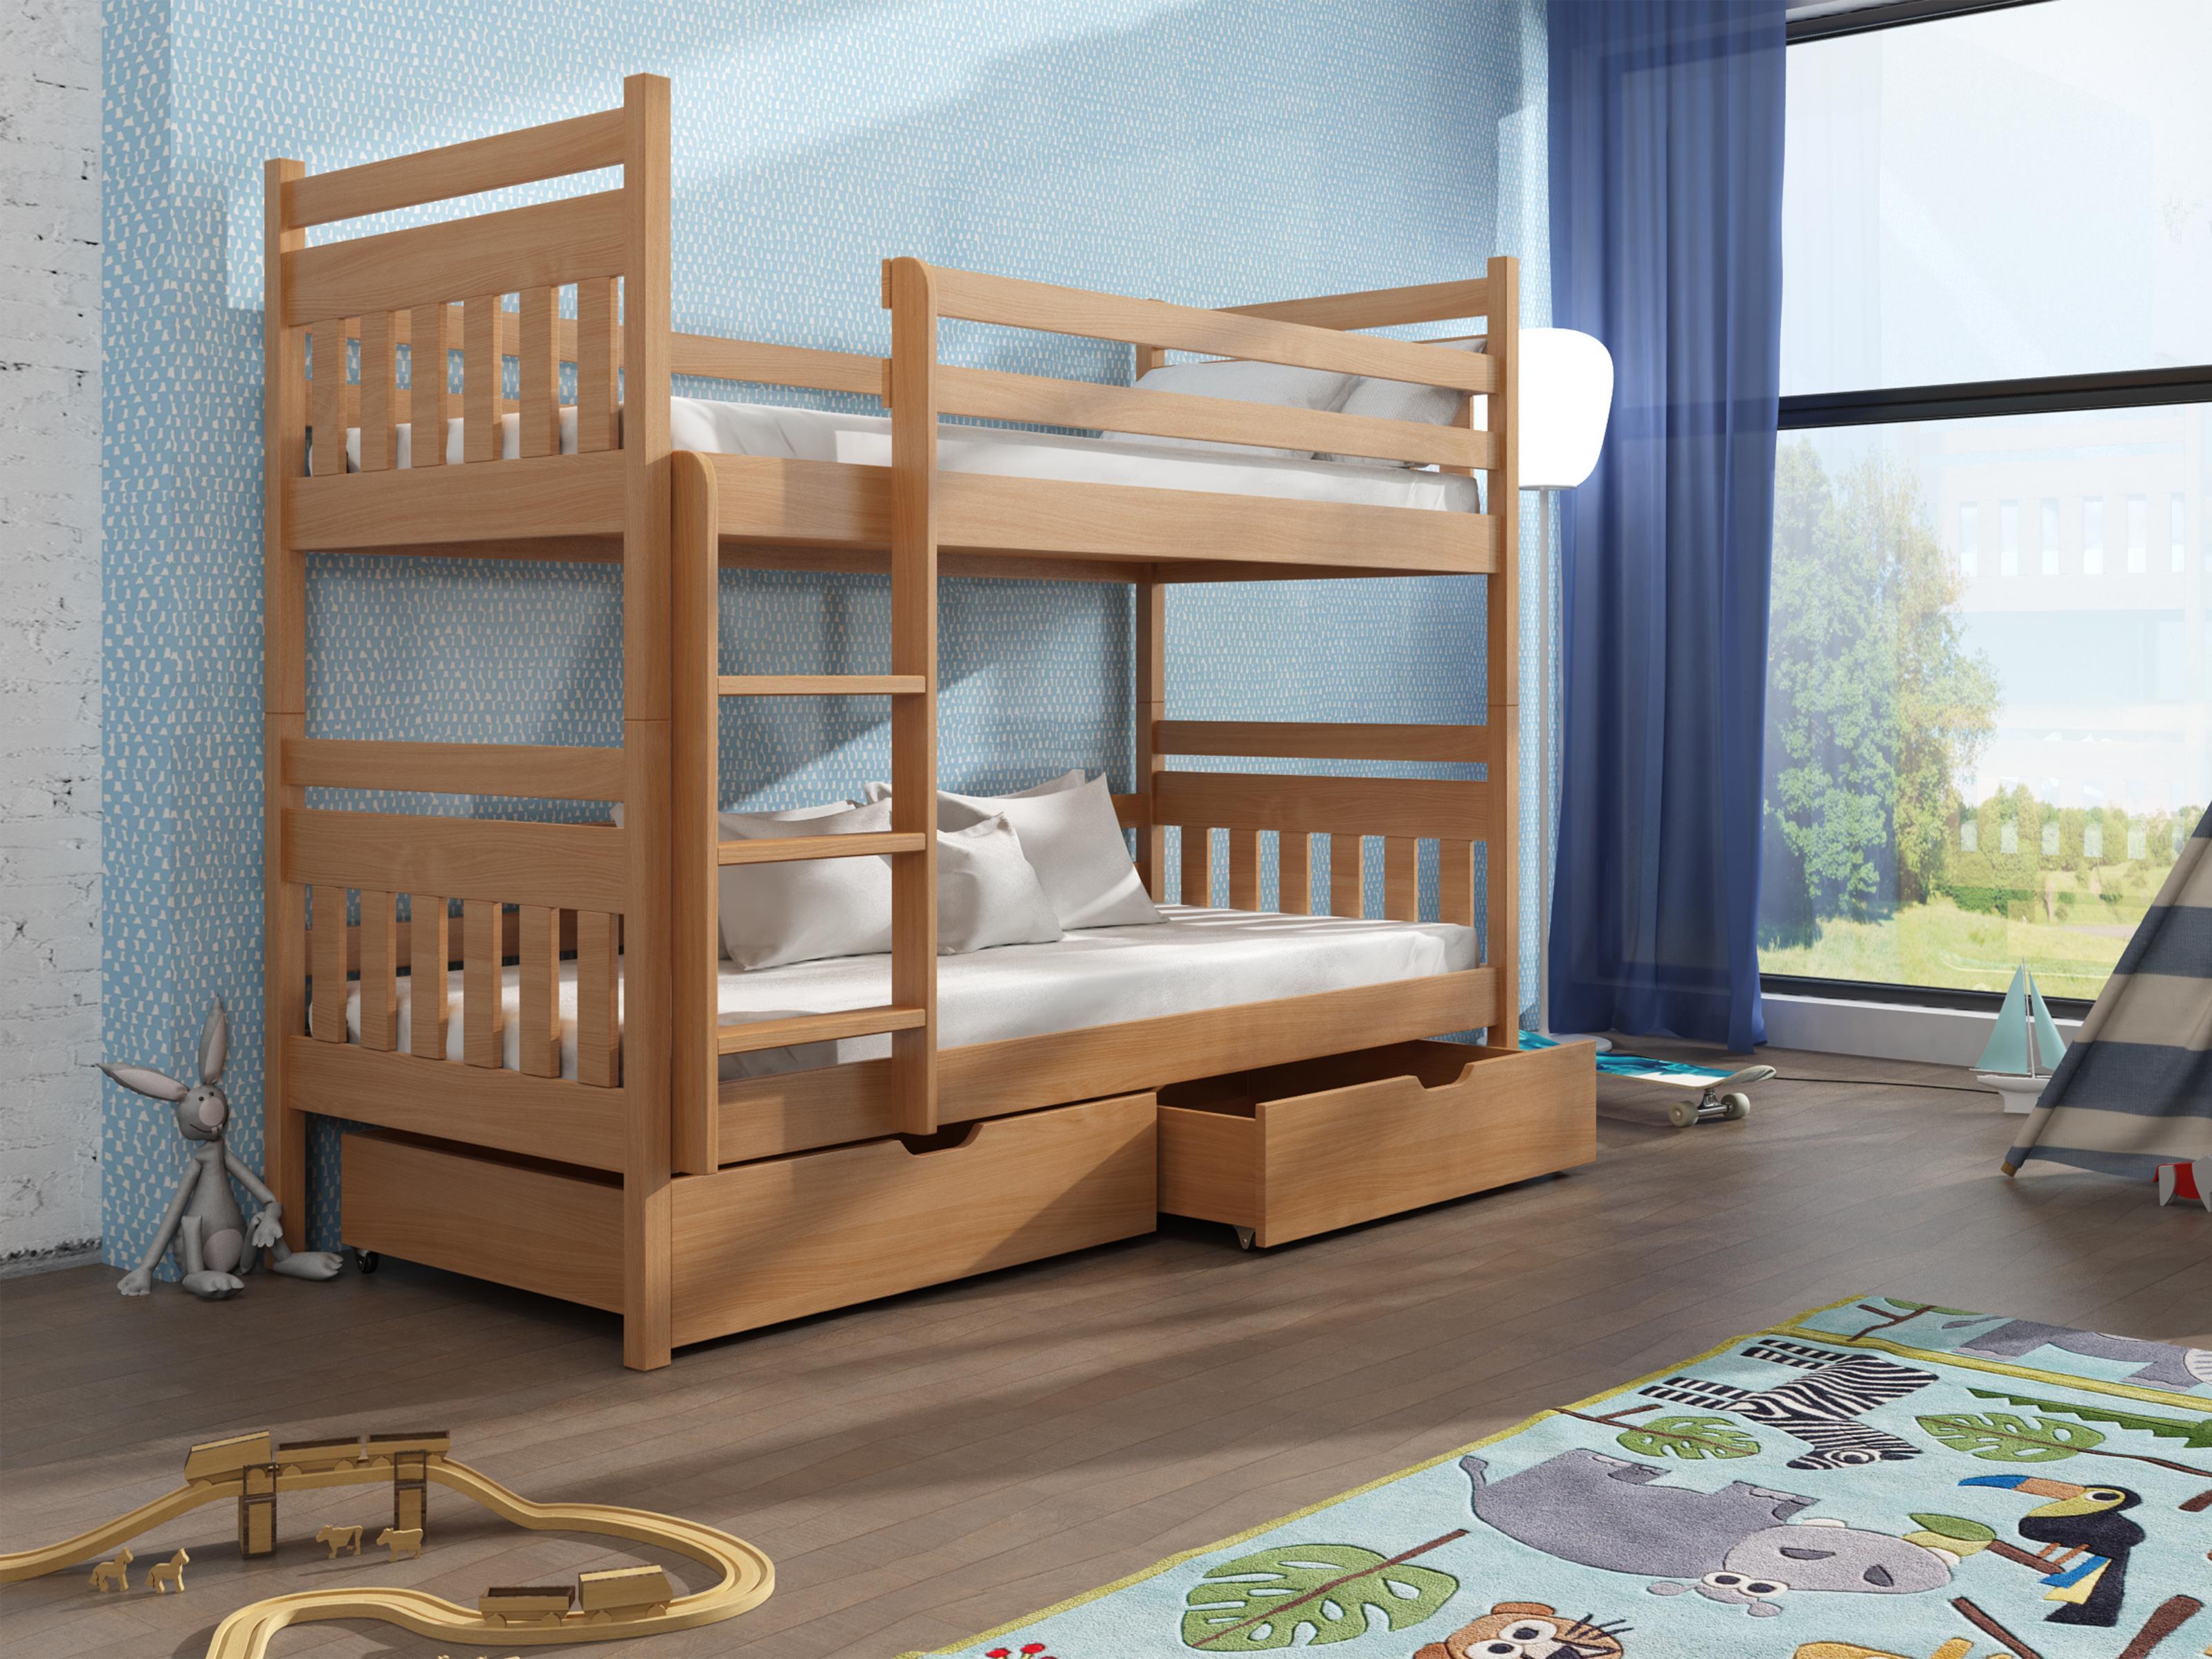 Dětská patrová postel 90 cm - Aras (buk)